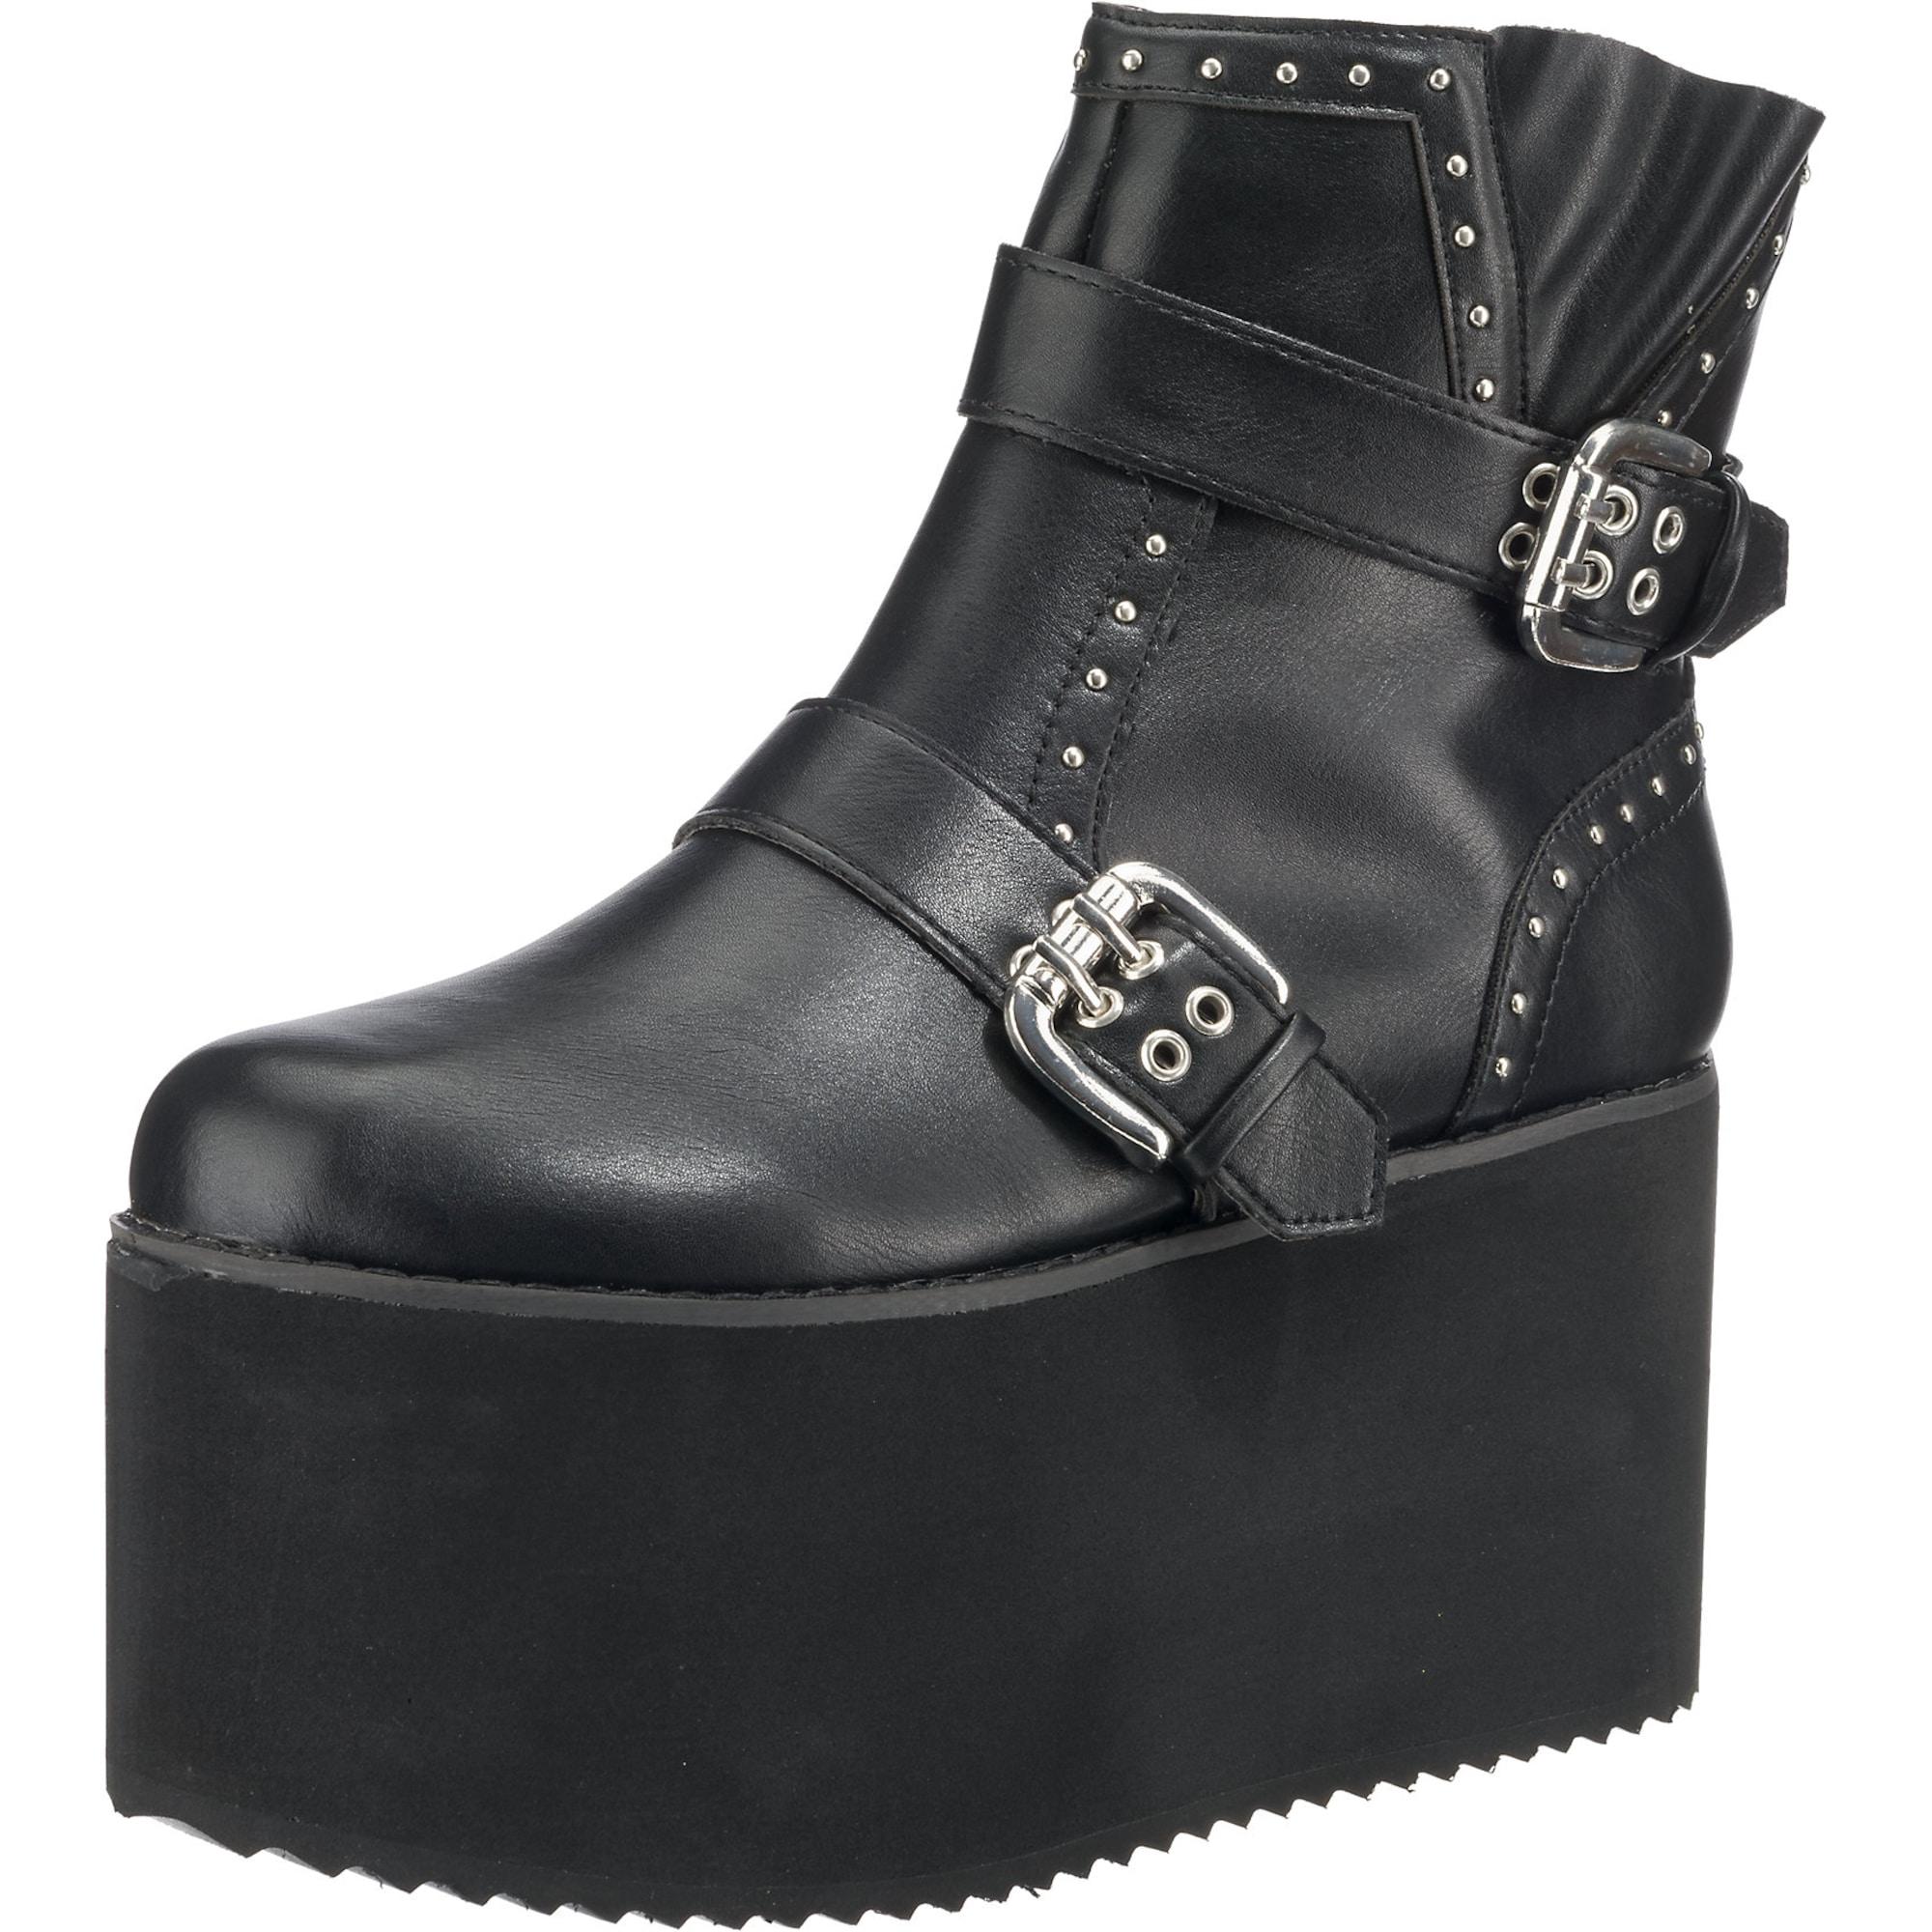 Plateau-Stiefeletten | Schuhe > Stiefeletten > Plateaustiefeletten | Buffalo